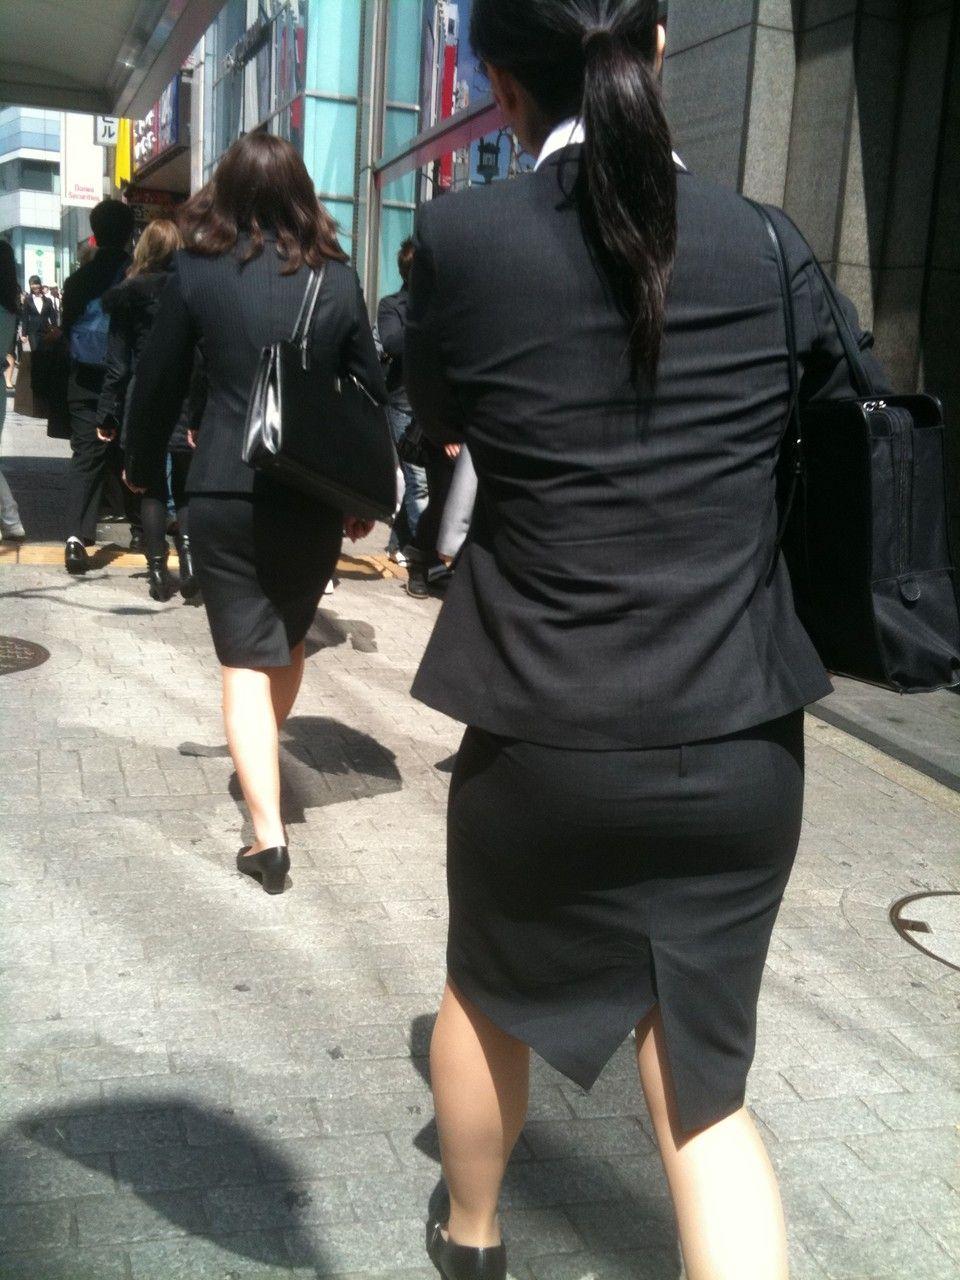 就活追い込み中で忙しく街中を動き回るリクスー女子大生5枚目